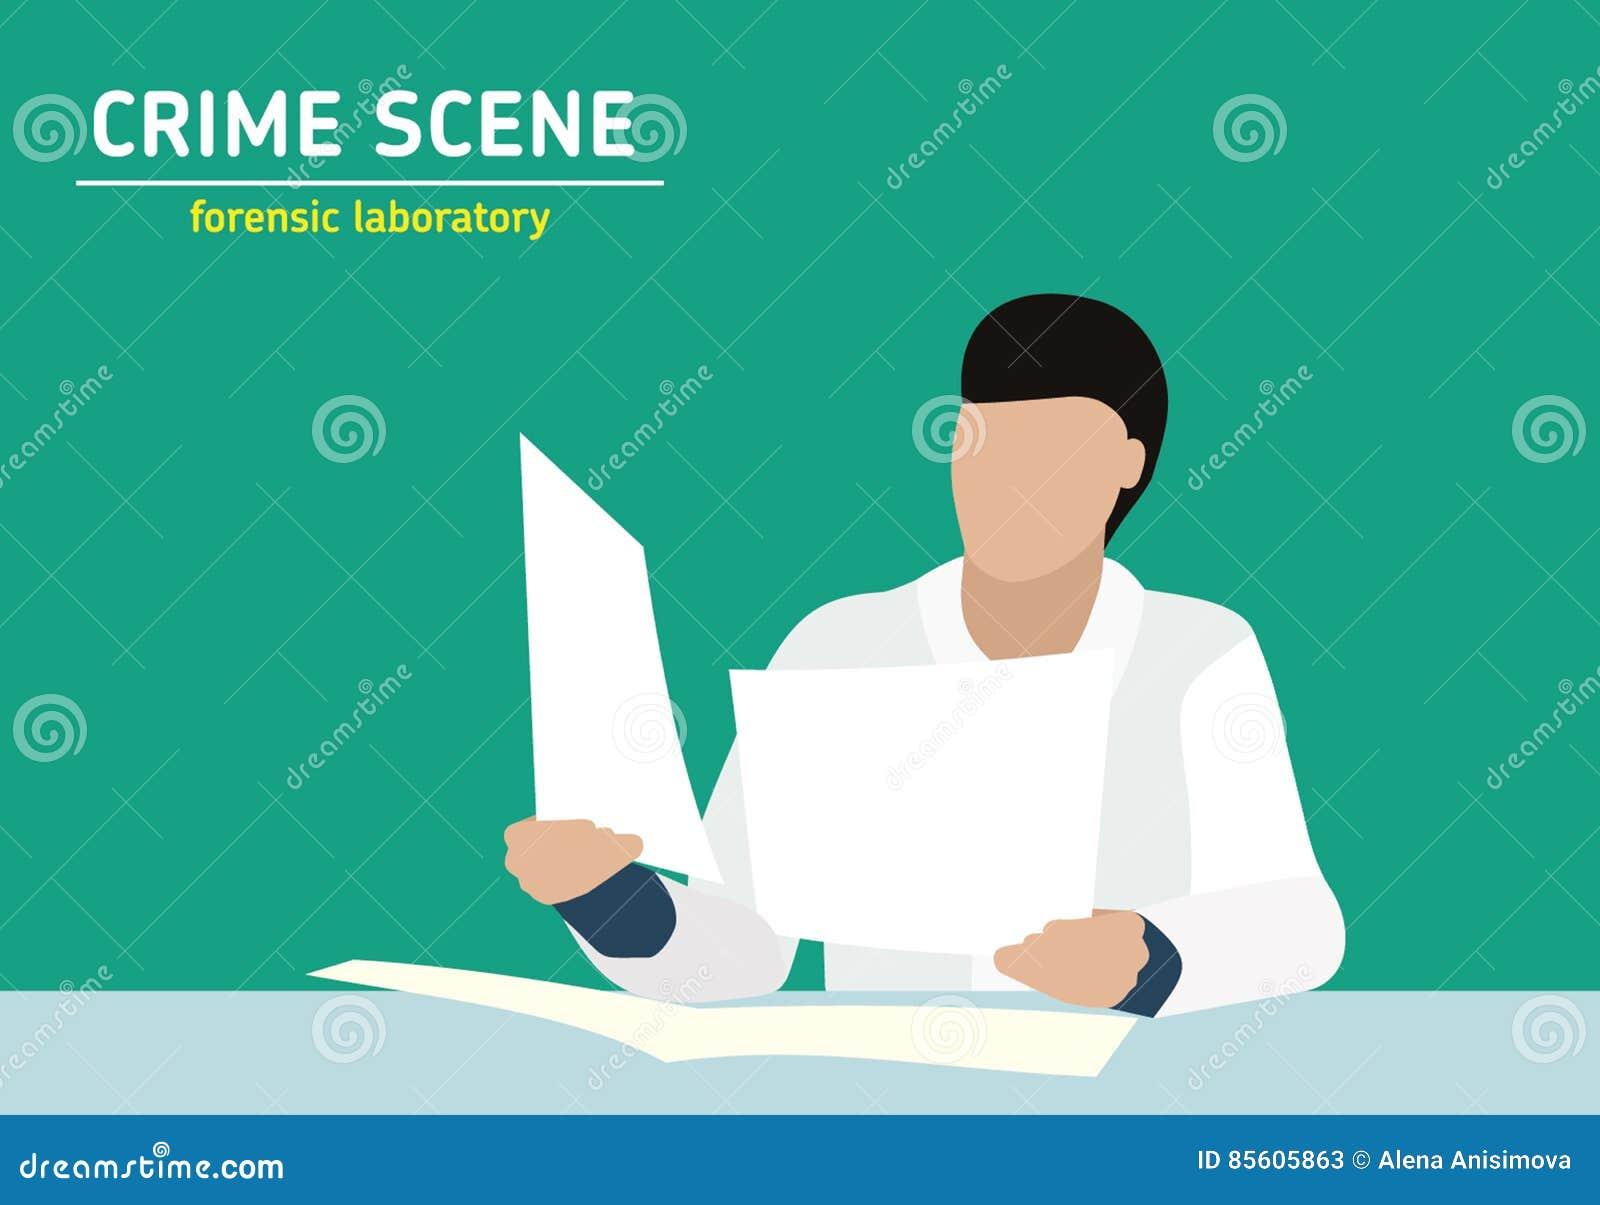 Utredning Tecken för laboratoriumstudier Rättsmedicinskt tillvägagångssätt